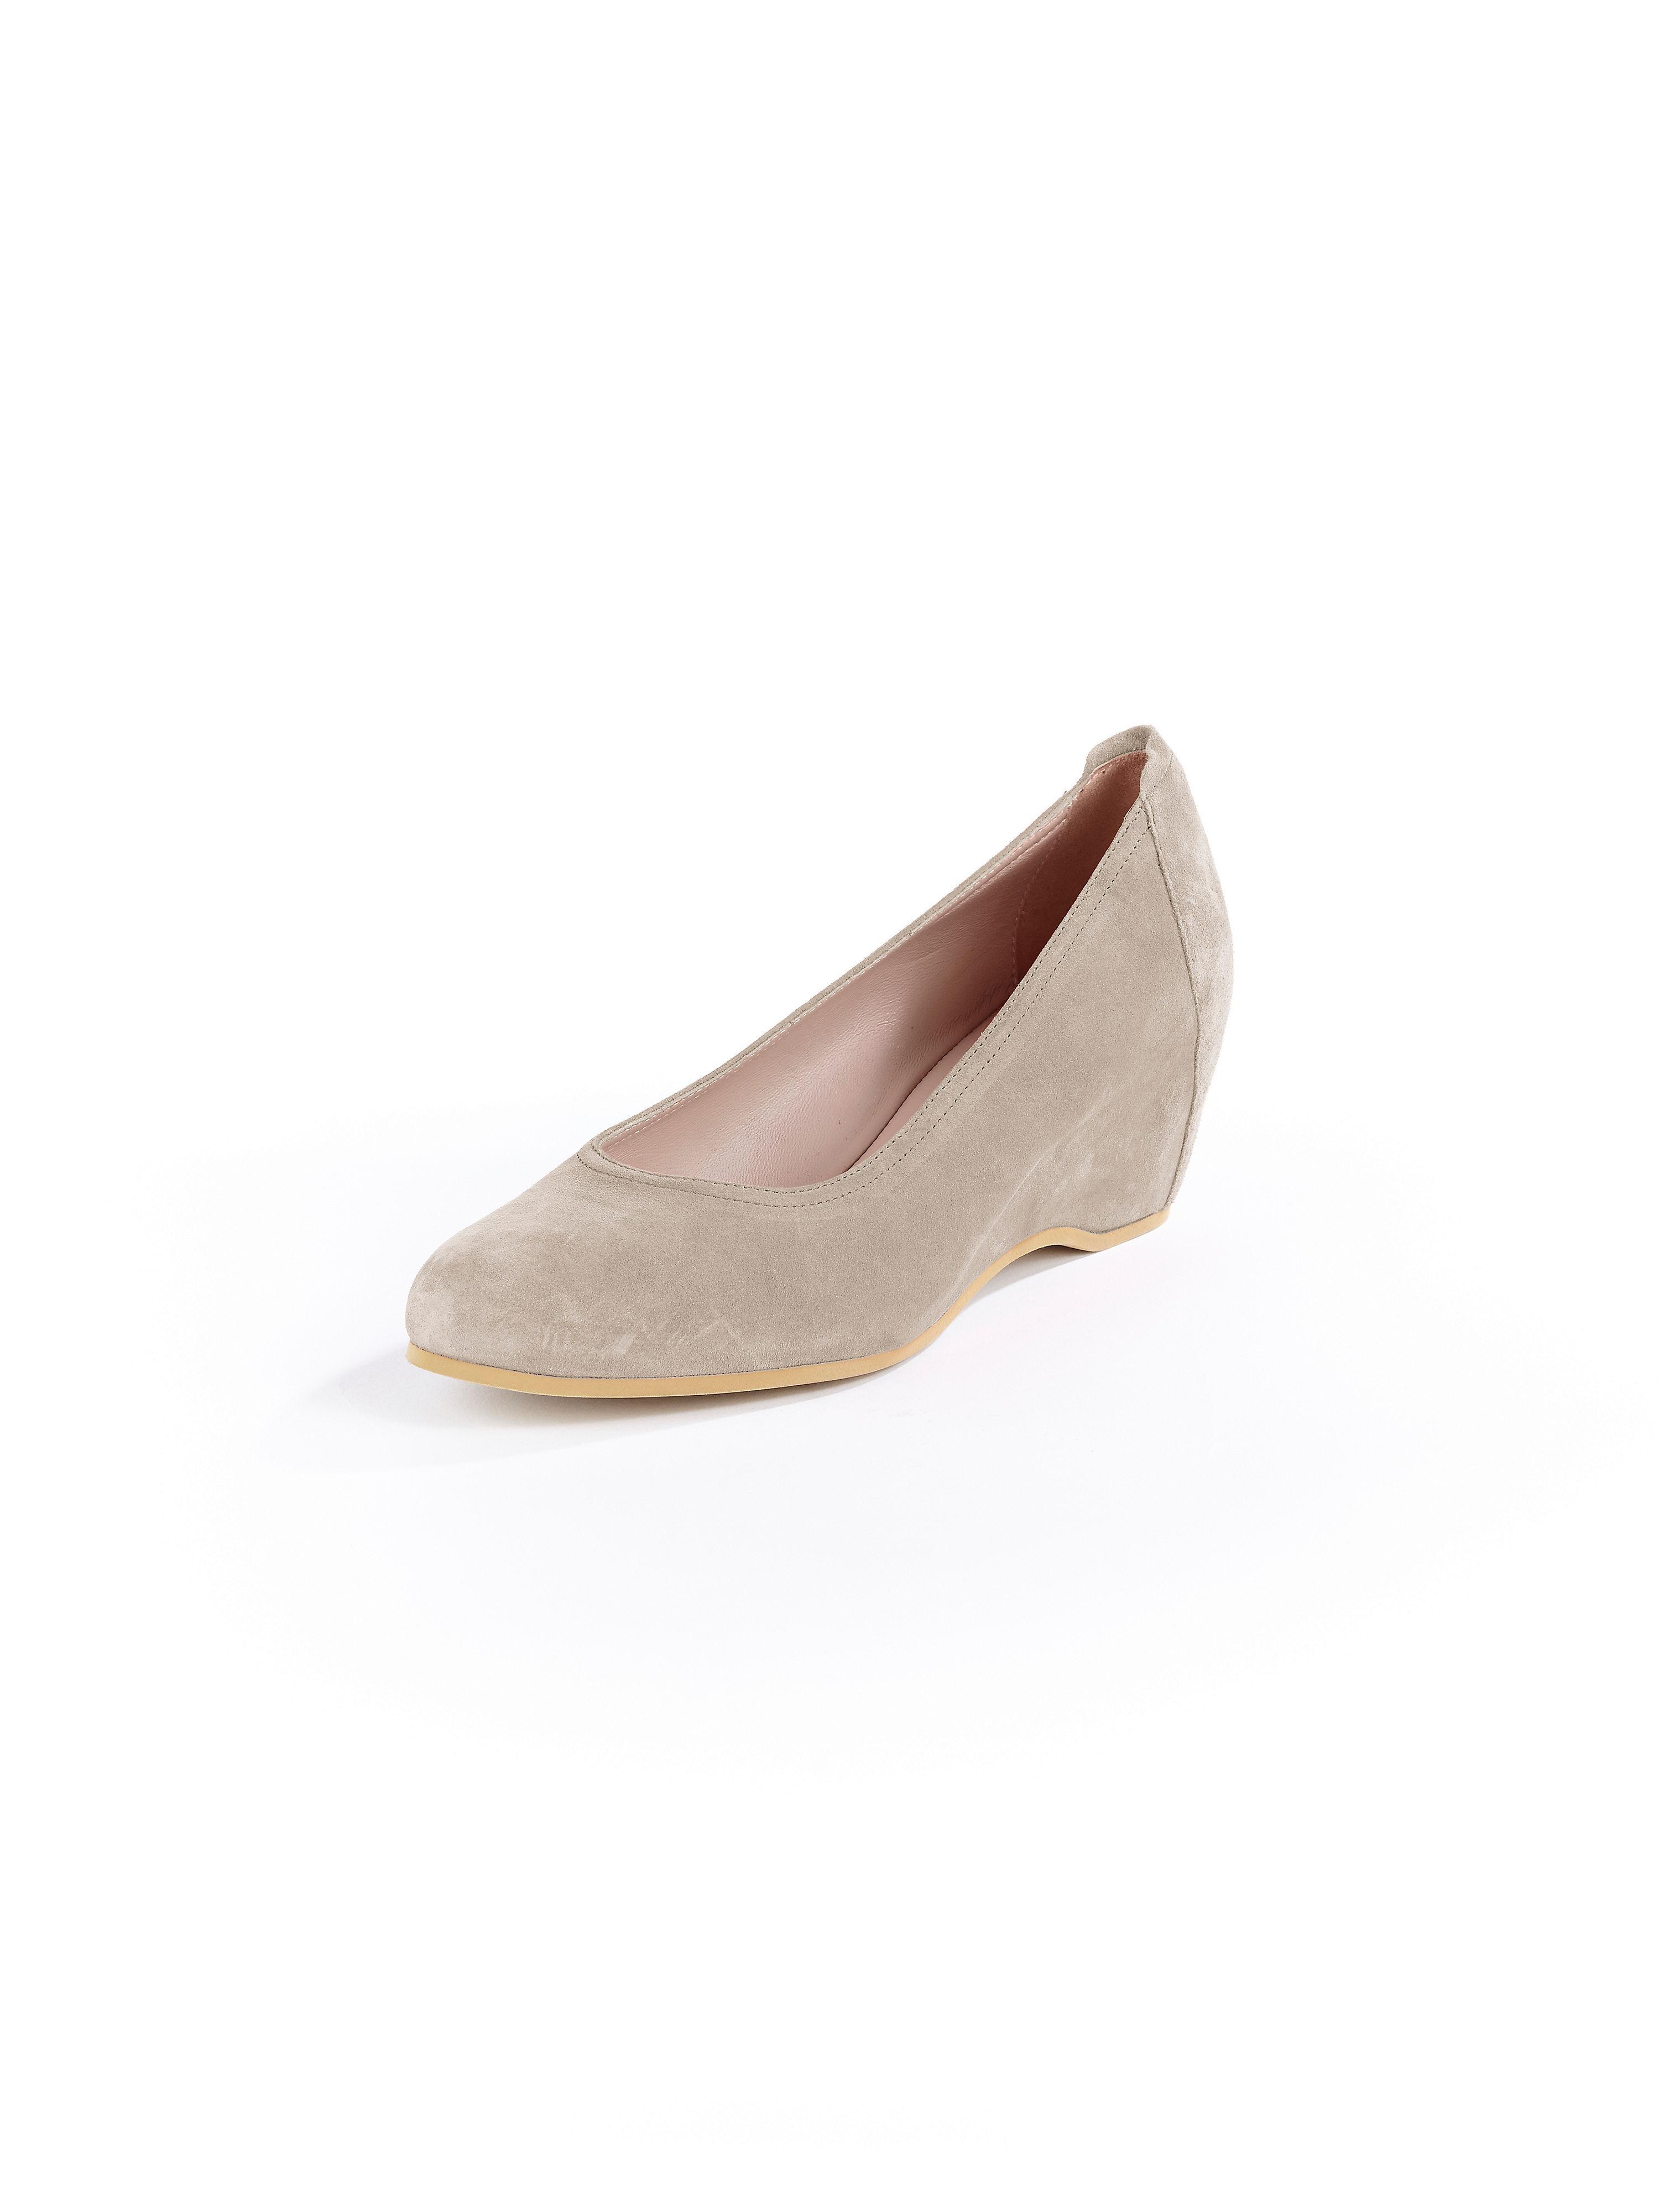 shoes peter kaiser beige size 42. Black Bedroom Furniture Sets. Home Design Ideas